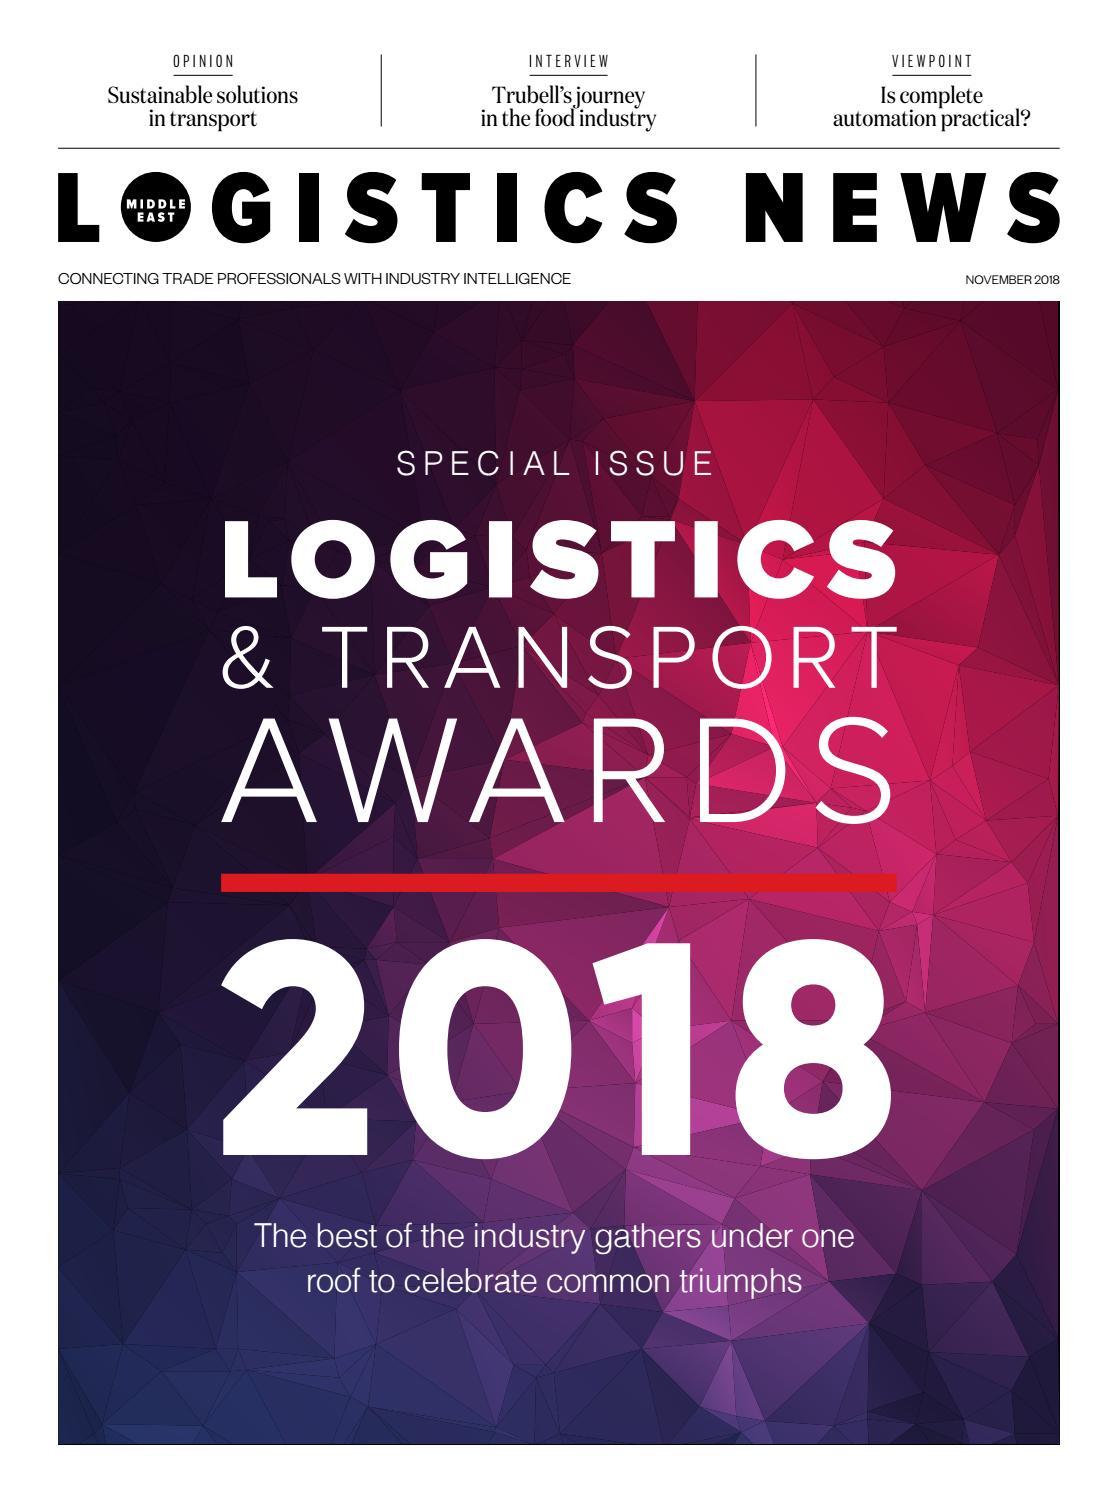 https://www.cbnme.com/magazines/logistics-news-me-november-2018/